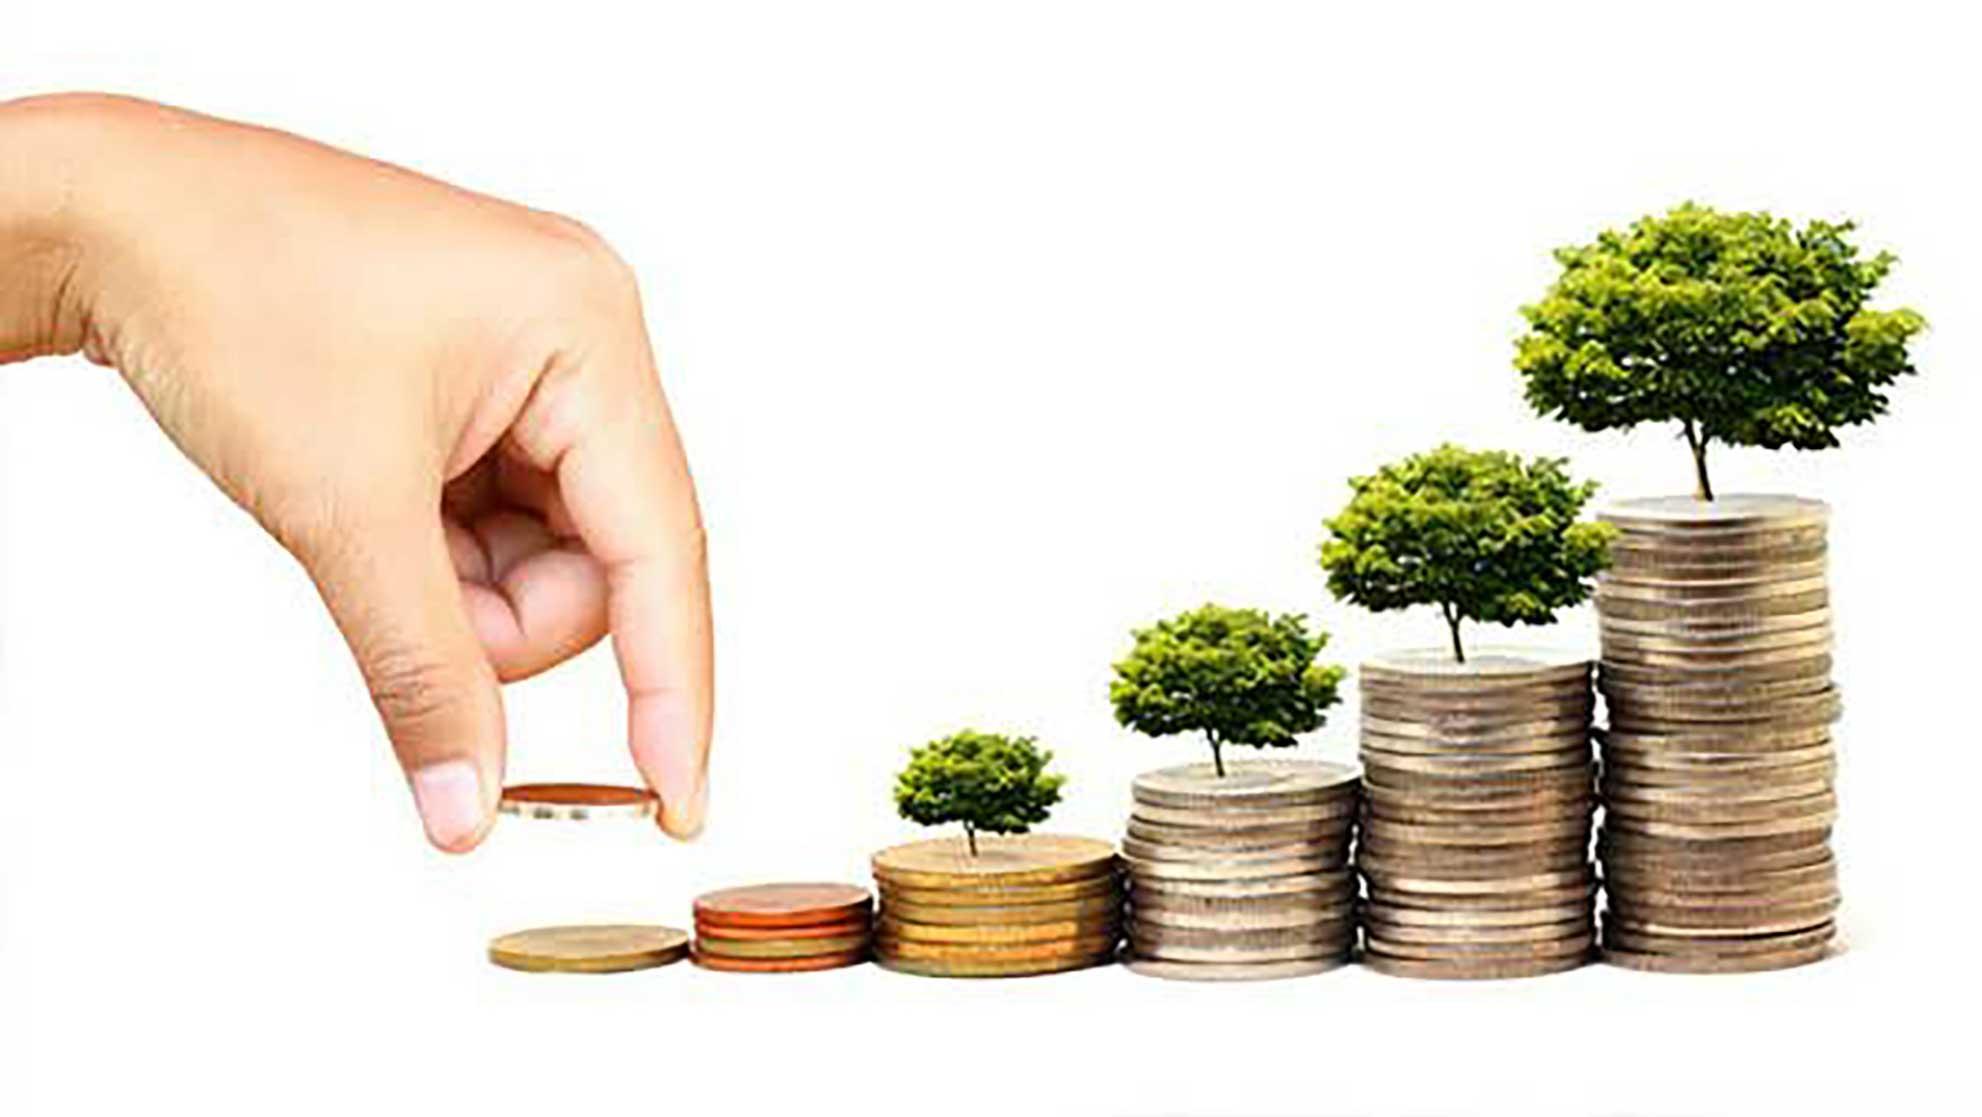 هر قانونی که شهامت سرمایهگذاری را کاهش دهد،مفید نخواهد بود-آل محمد